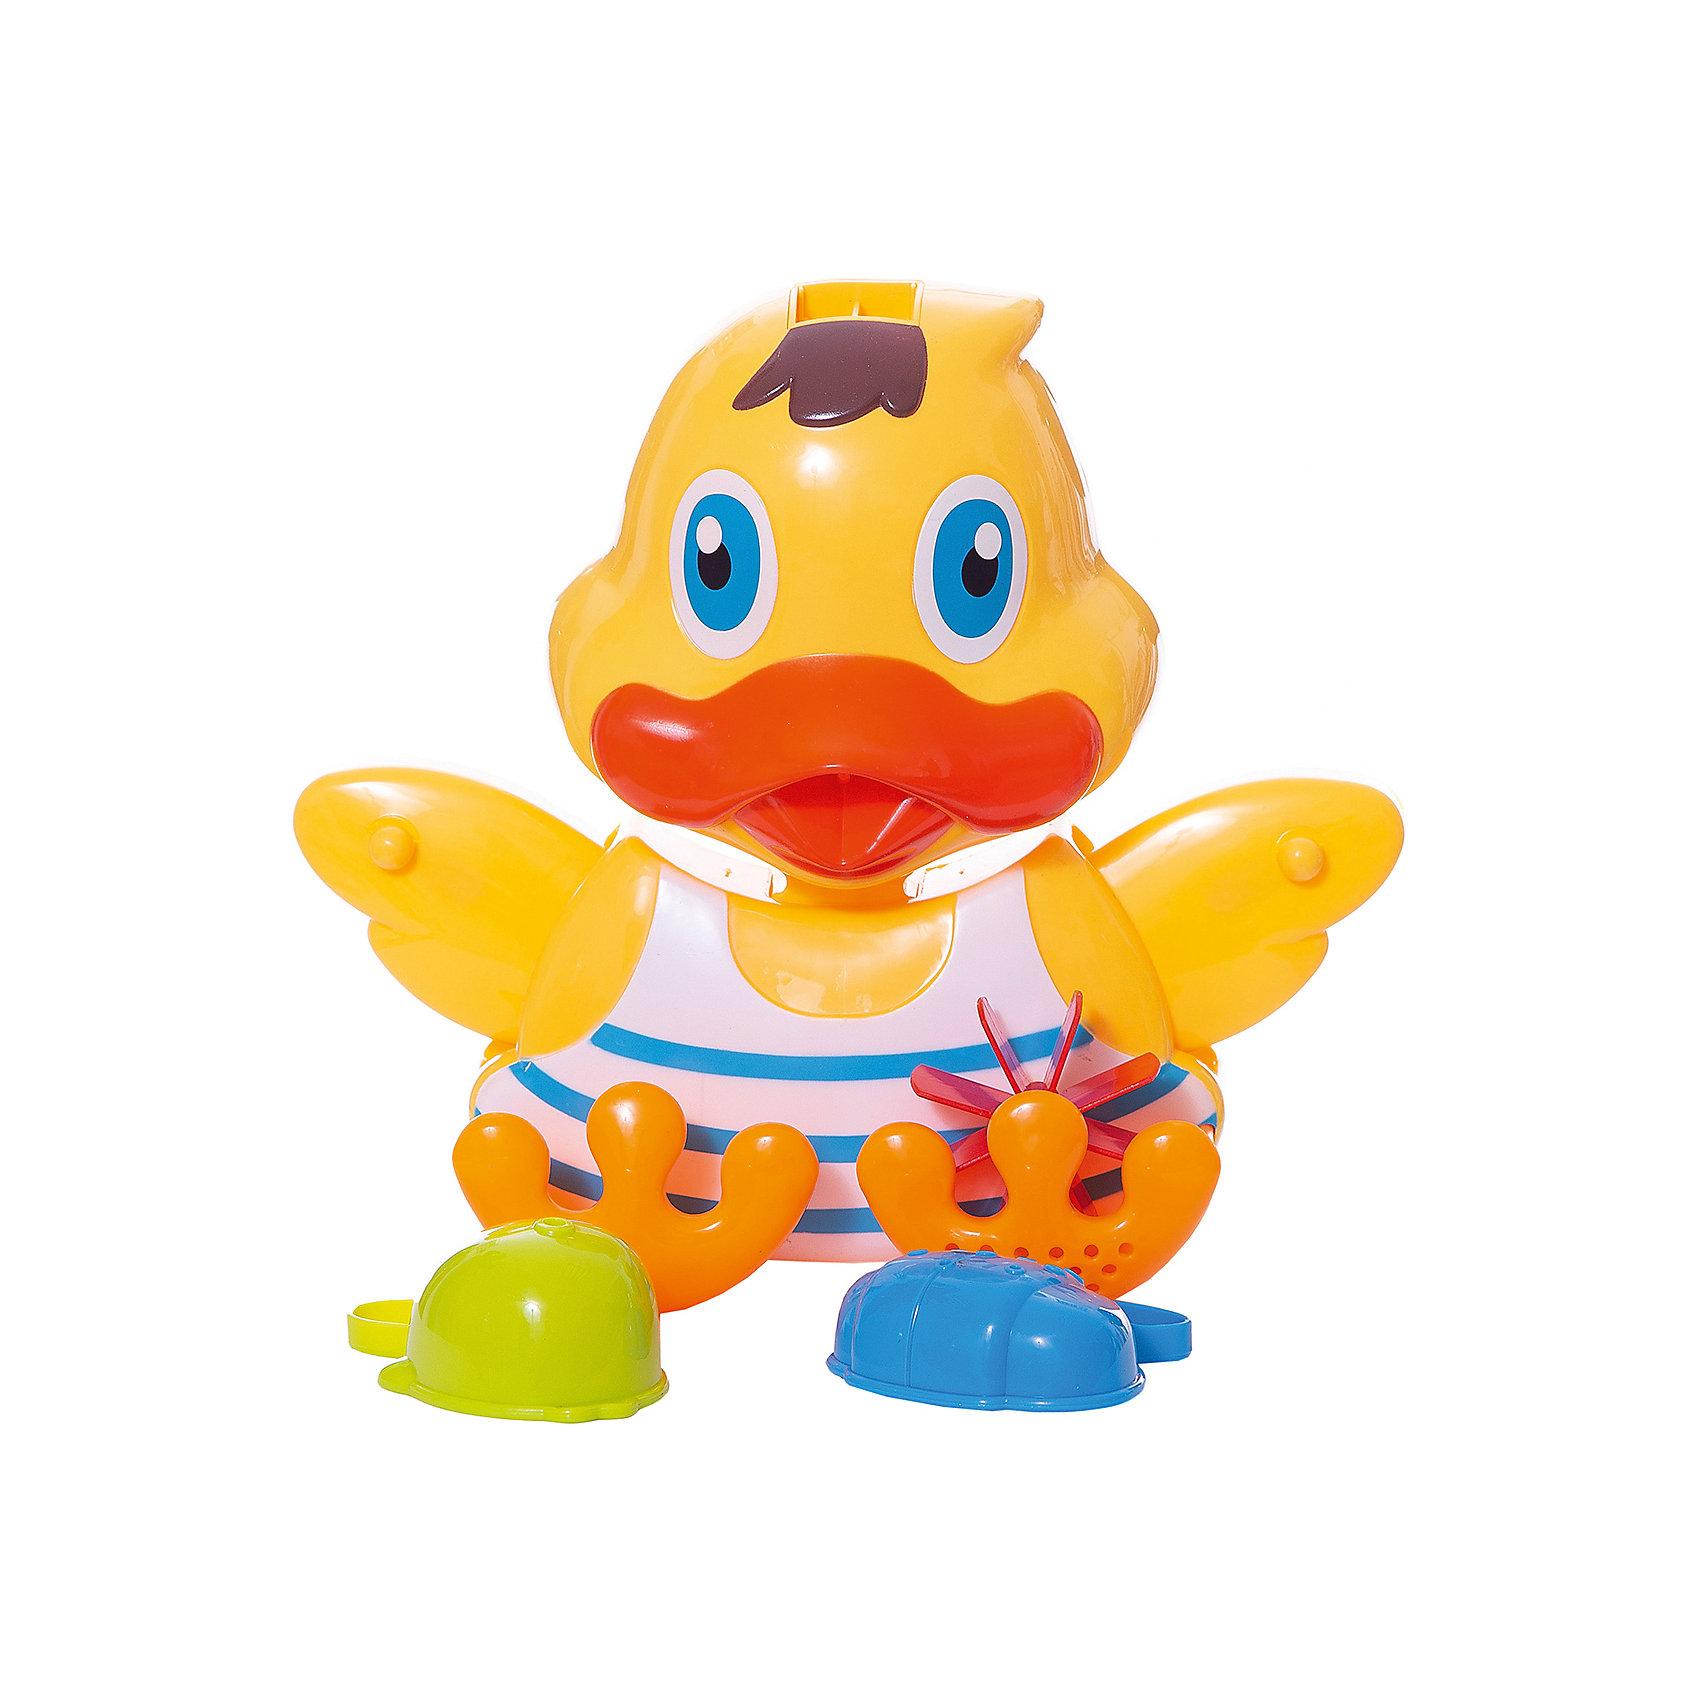 Утенок-мельница для ванной, с аксессуарами (3 предмета), Веселое купание, ABtoysЛейки и поливалки<br>Веселое купание. Утенок-мельница для ванной, в наборе с аксессуарами (3 предмета), в коробке, 31,8x24,3x9,6 см<br><br>Ширина мм: 318<br>Глубина мм: 243<br>Высота мм: 96<br>Вес г: 500<br>Возраст от месяцев: 36<br>Возраст до месяцев: 96<br>Пол: Унисекс<br>Возраст: Детский<br>SKU: 5500934